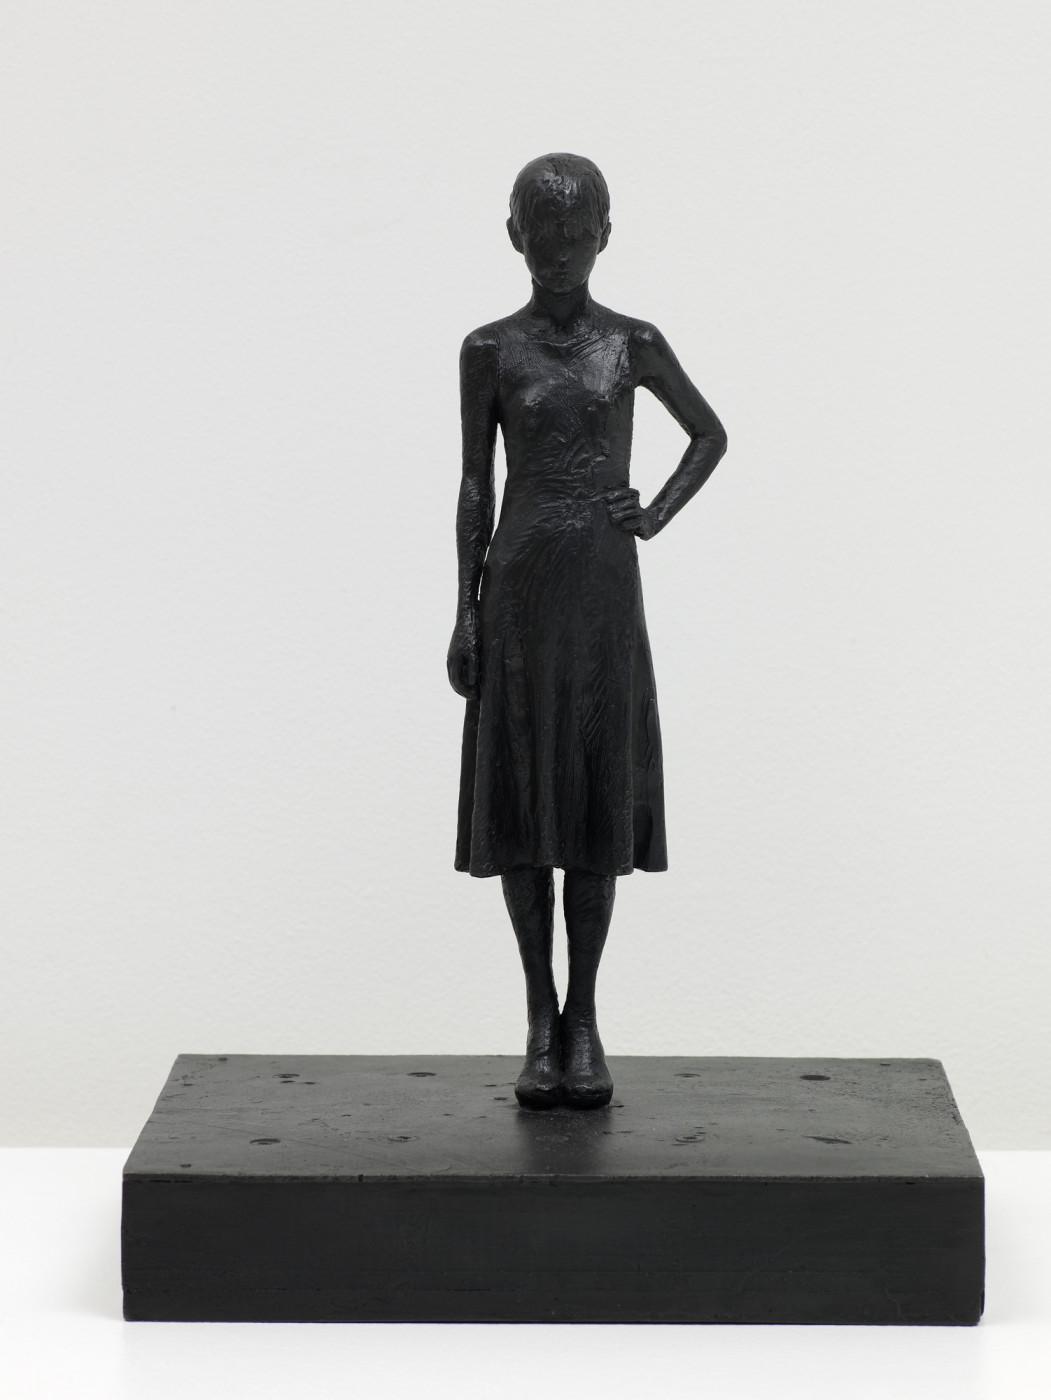 """<div class=""""artwork_caption""""><div class=""""title""""><em>Yoko (dress)</em>, 2008</div><div class=""""medium"""">bronze</div><div class=""""dimensions"""">34.93 x 20.0 x 24.77 cm<br />13 3/4 x 7 7/8 x 9 3/4 in.</div></div>"""